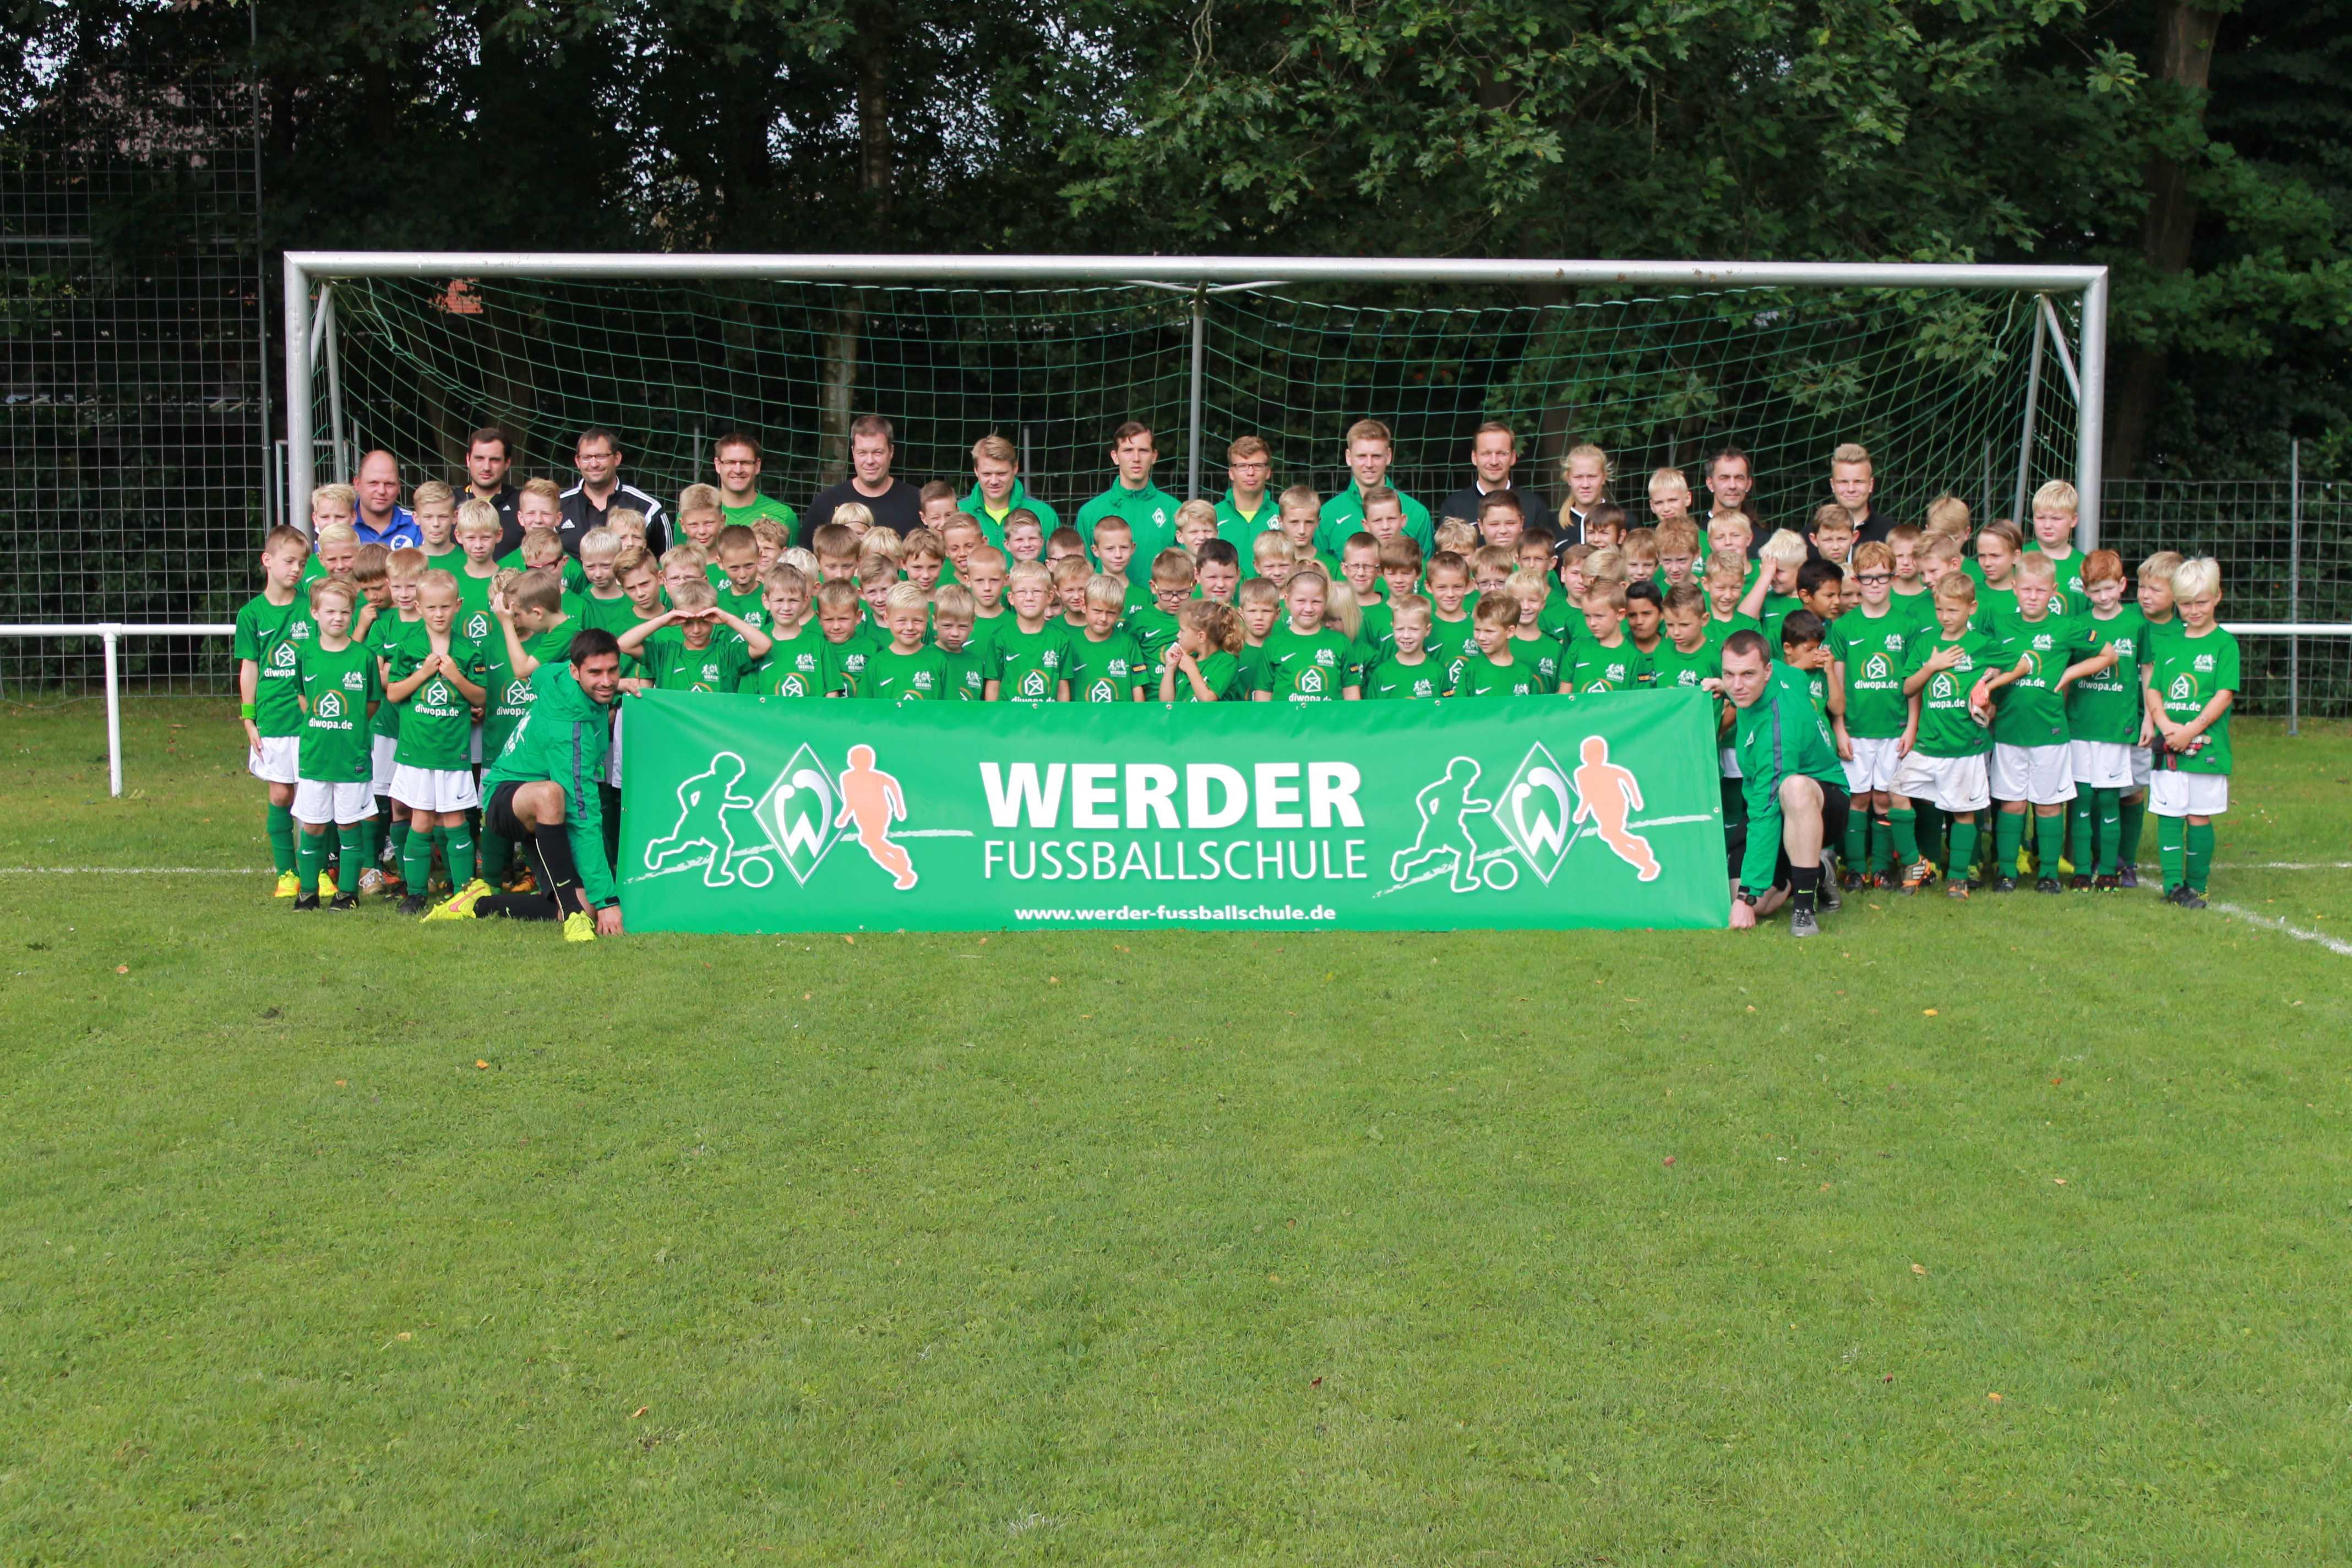 2016-08-13 Werder CAMPontour - Samstag (5)